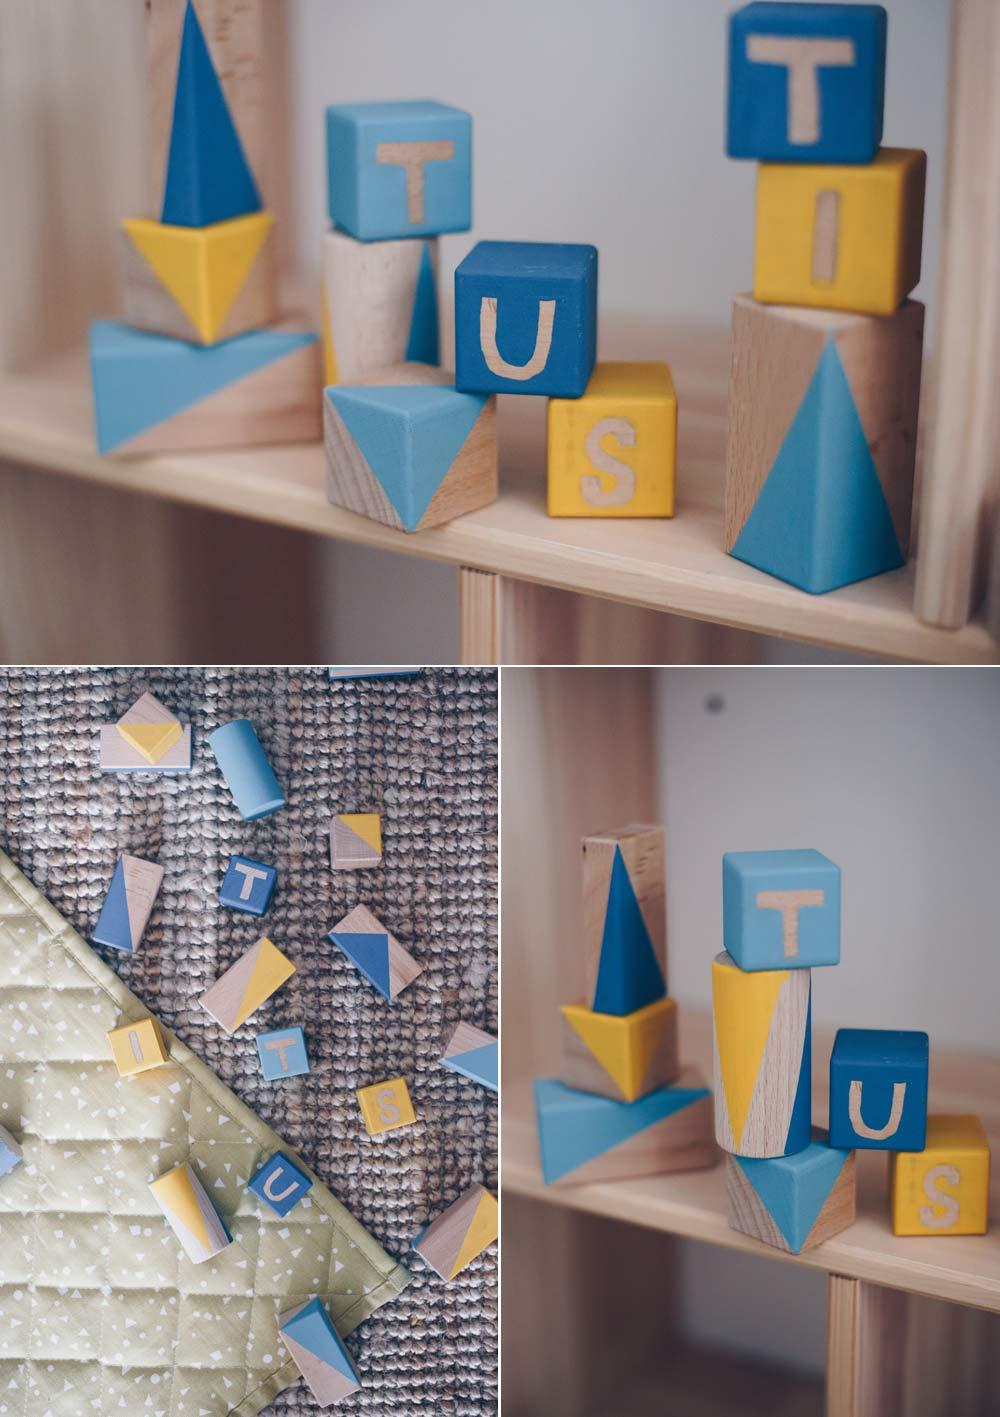 DIY Bauklötze Set mit Namen selbermachen - Bauklötze bemalen - Geschenkidee zur Geburt